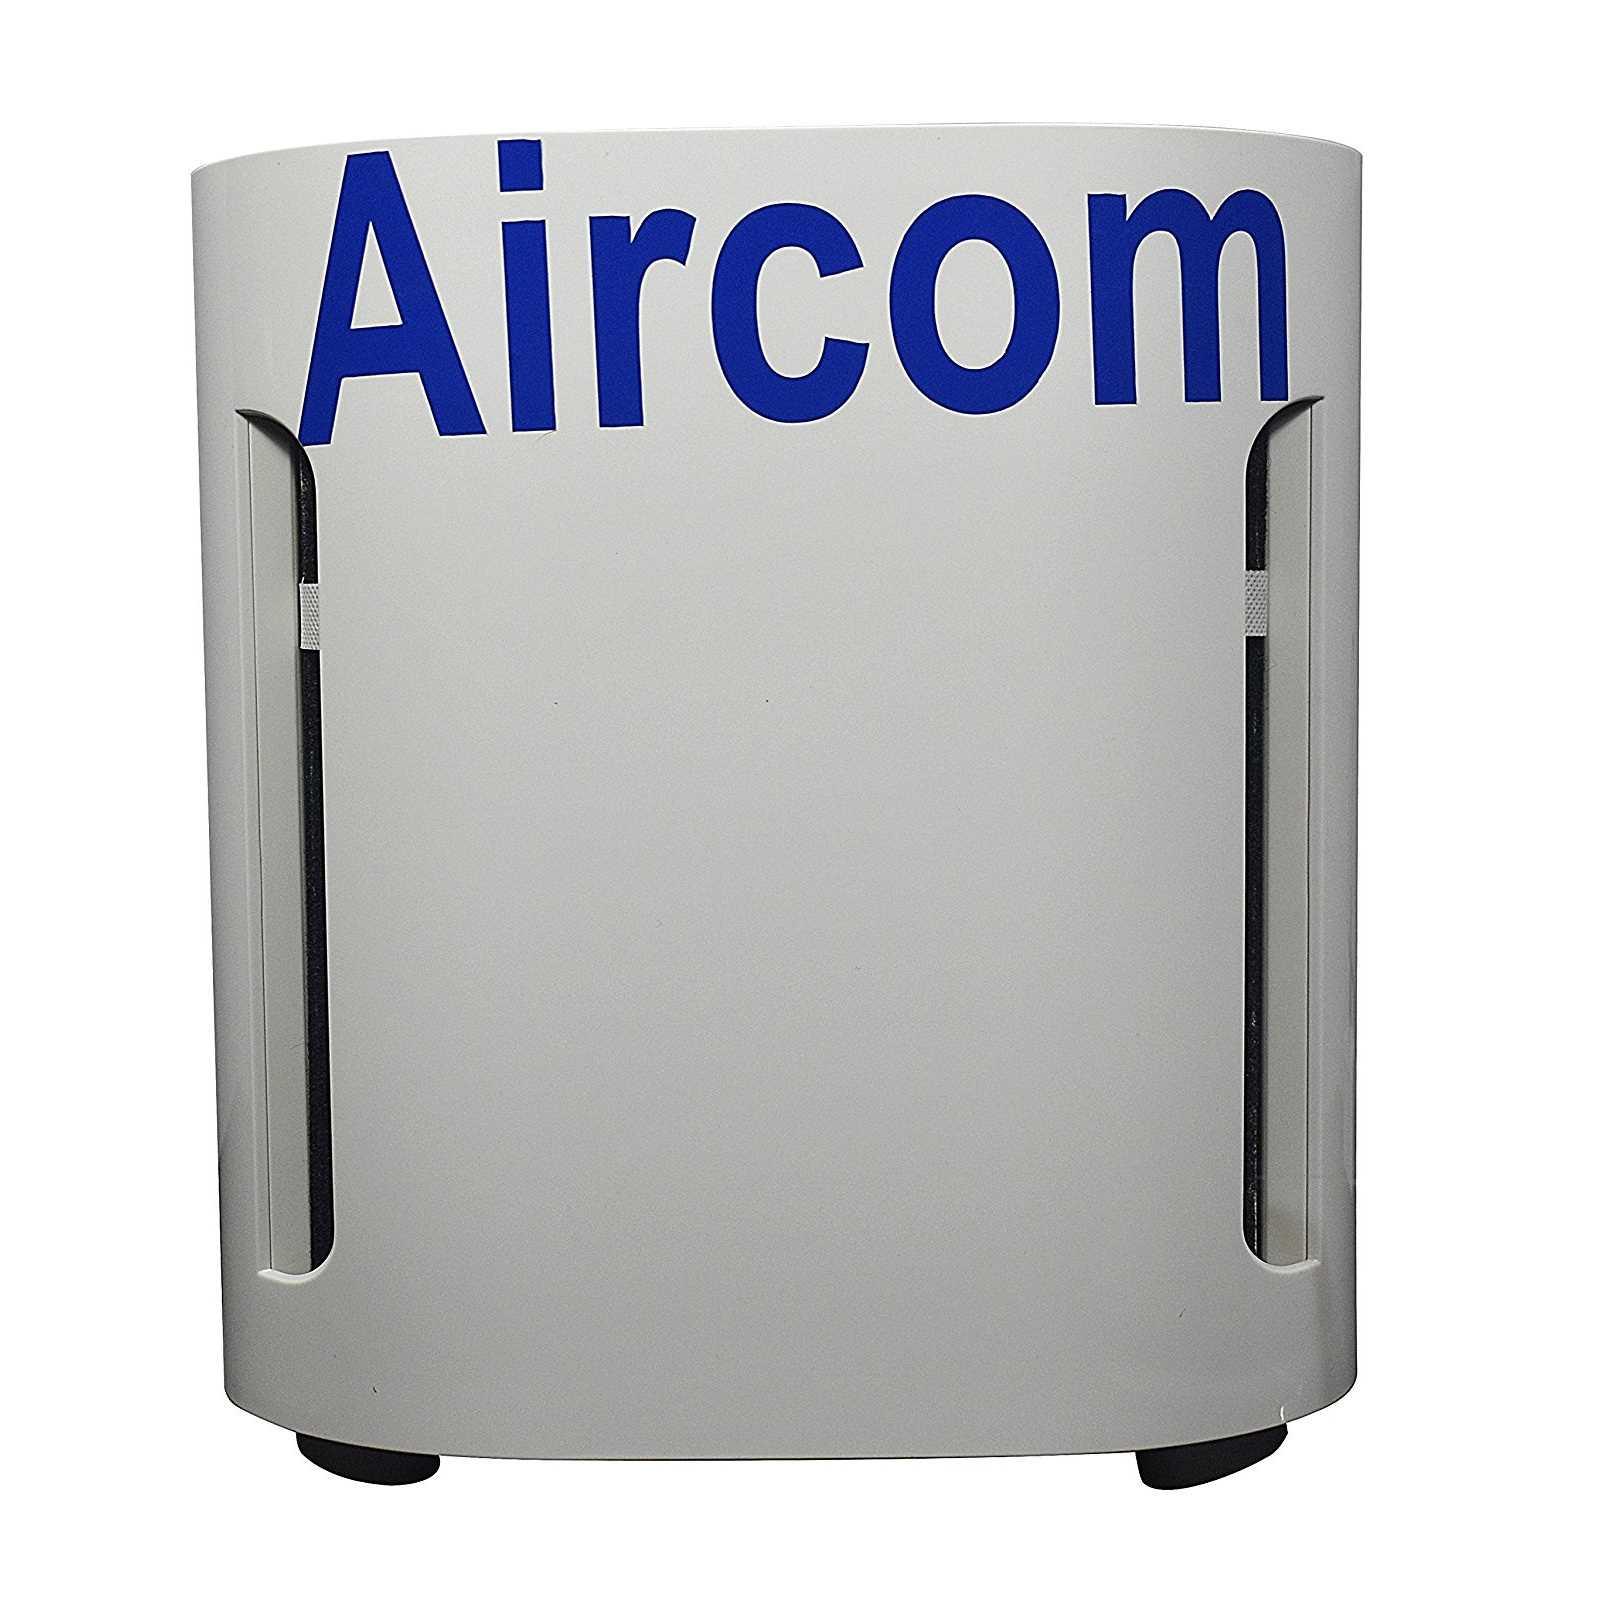 Aircom XL300 Room Air Purifier